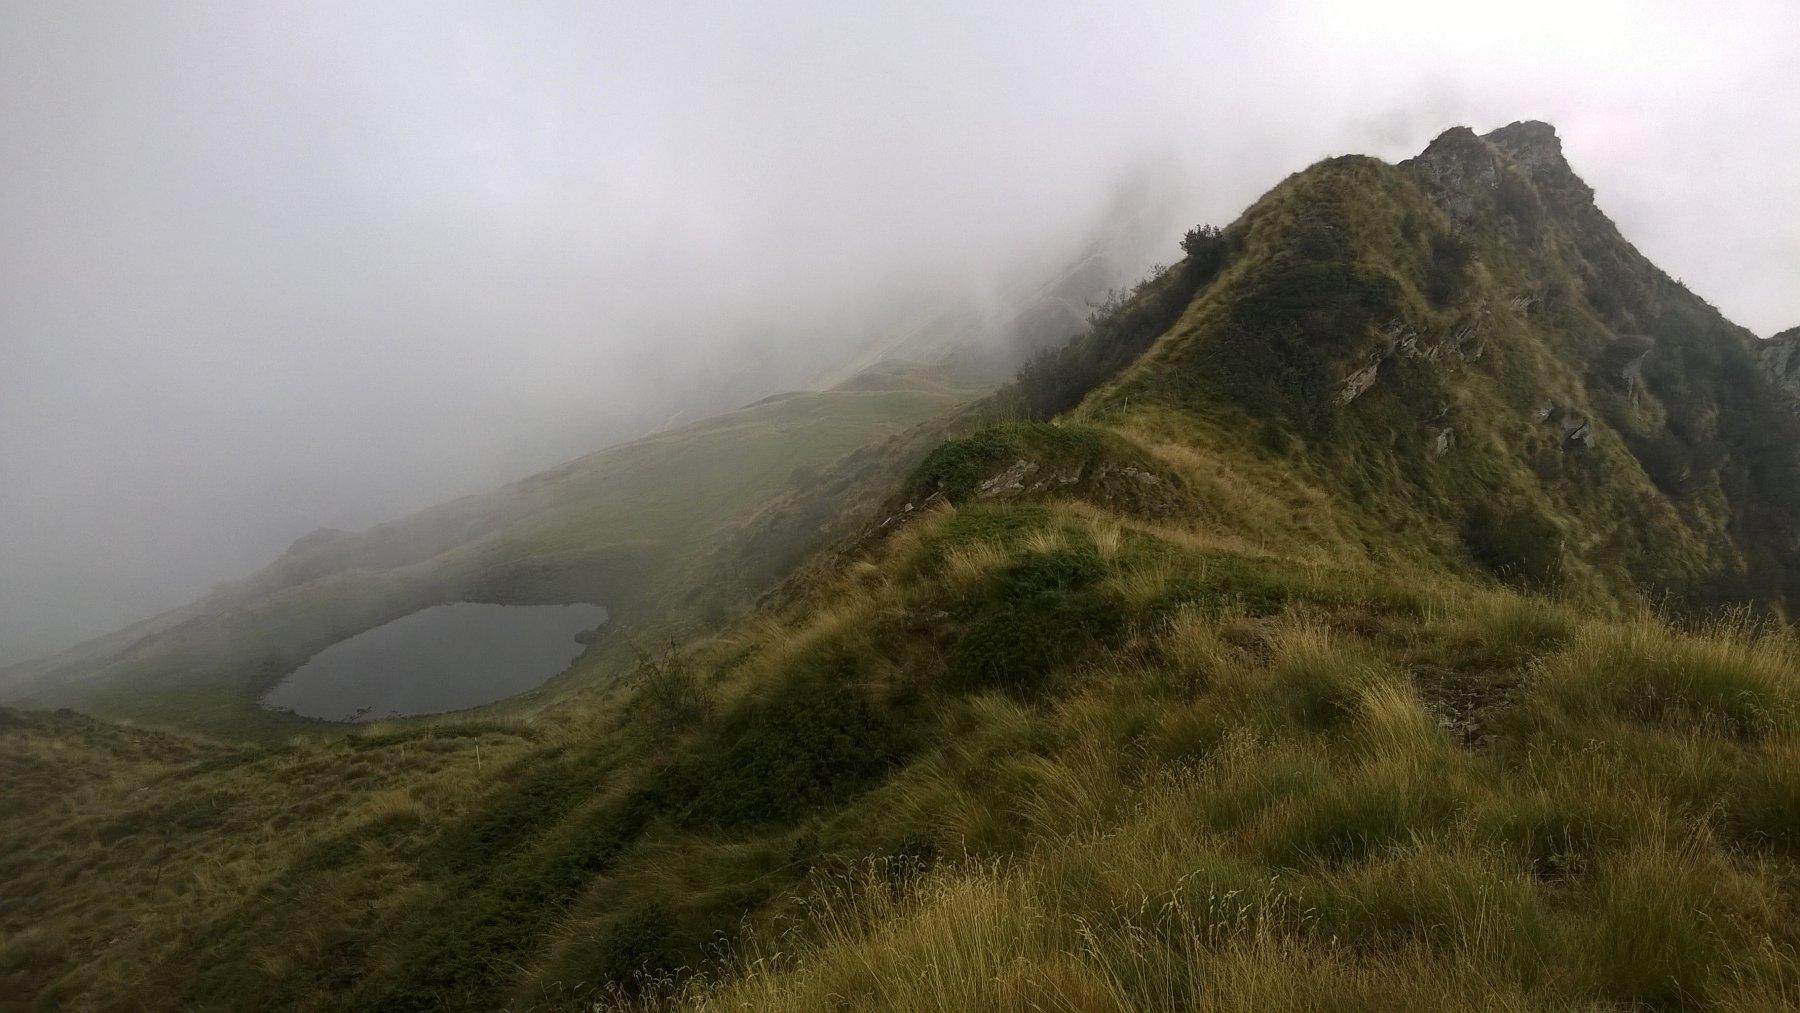 Saler (cima), Cima Loit e Cima Rosta dal Santuario di Prascondù, anello per la Bocchetta di Rosta e il Colle Crest 2015-09-25